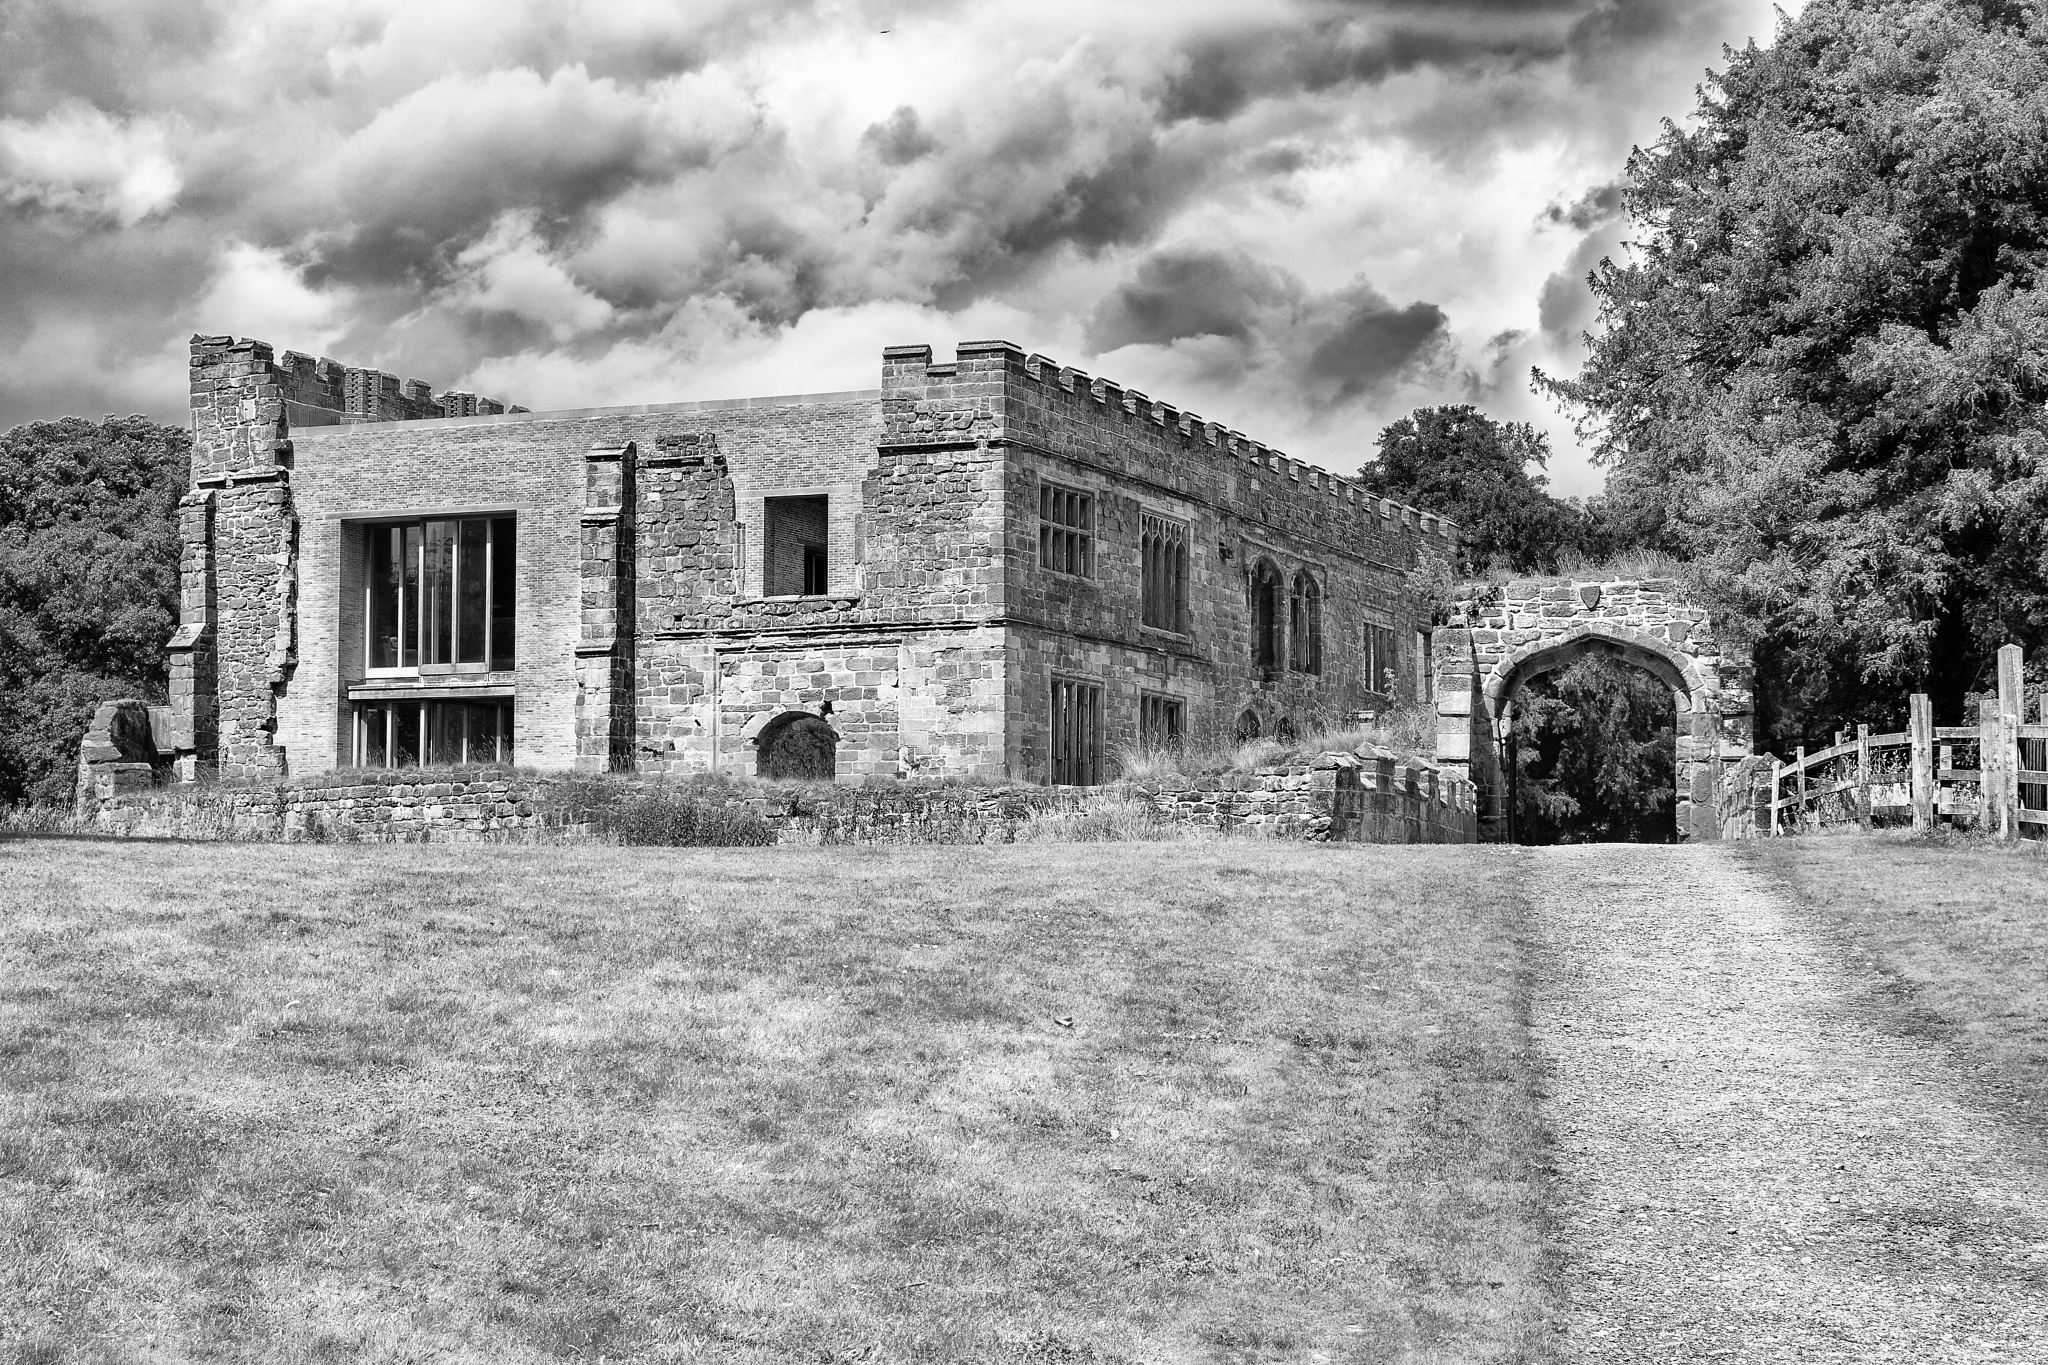 Astley Castle B&W by AlGurr